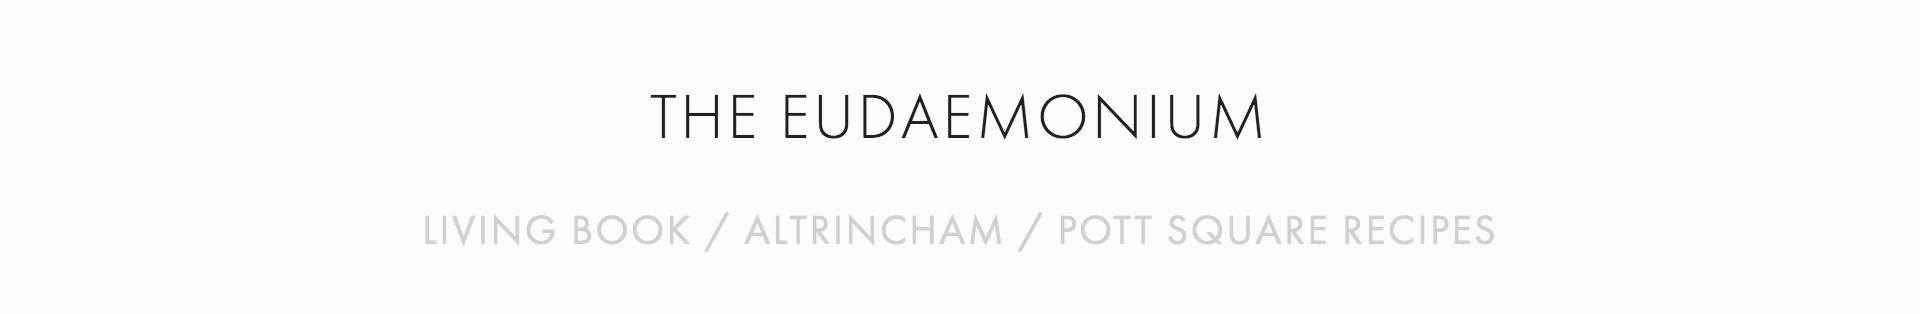 The Eudaemonium.png